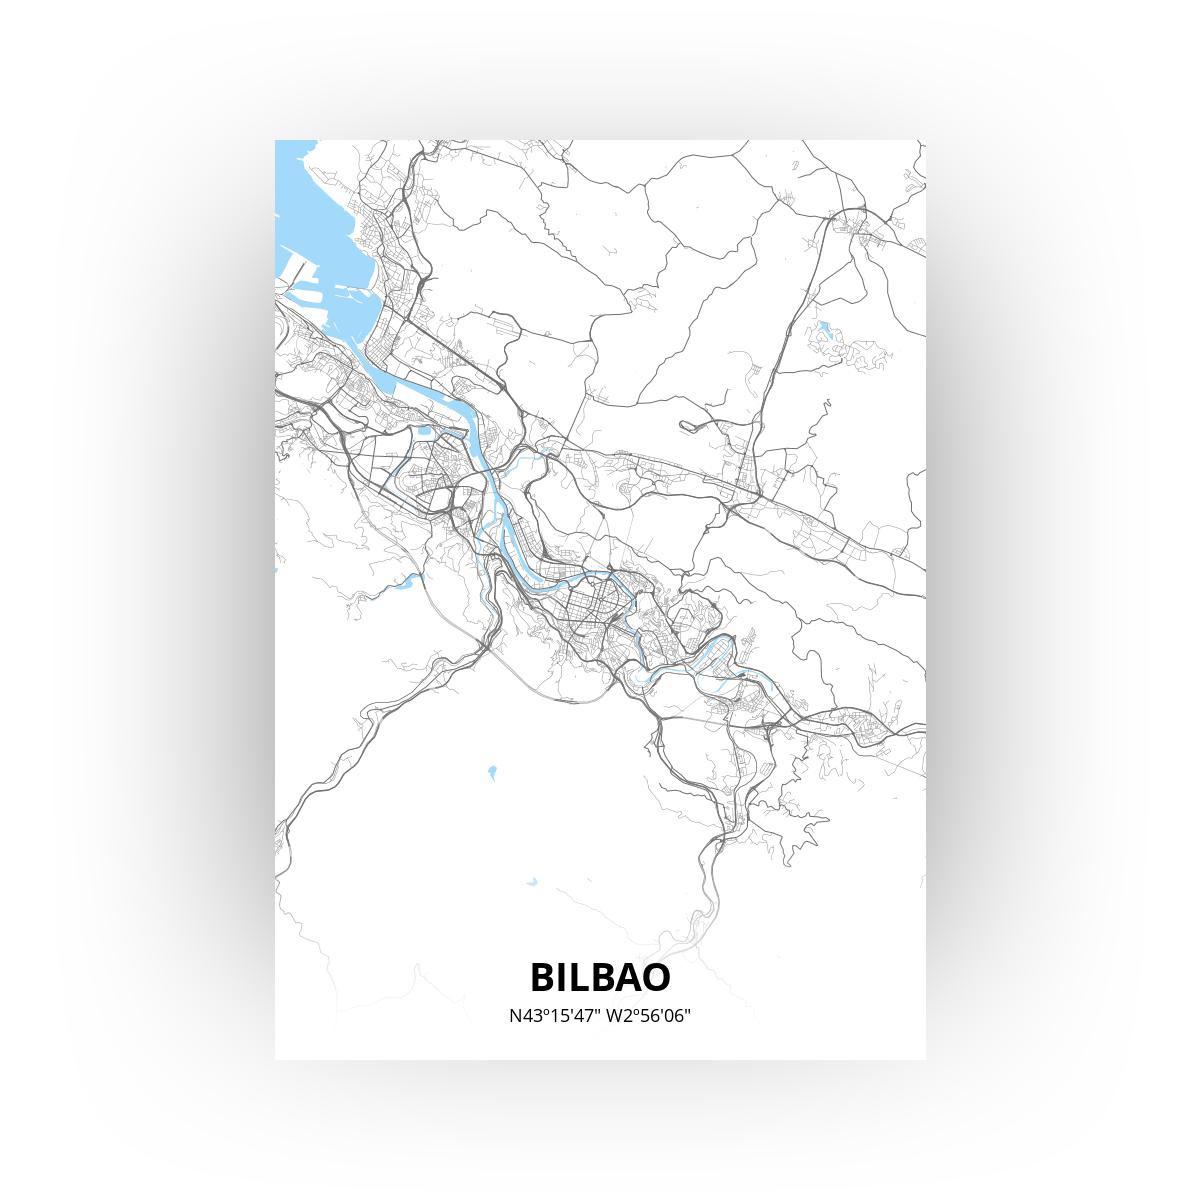 Bilbao print - Standaard stijl